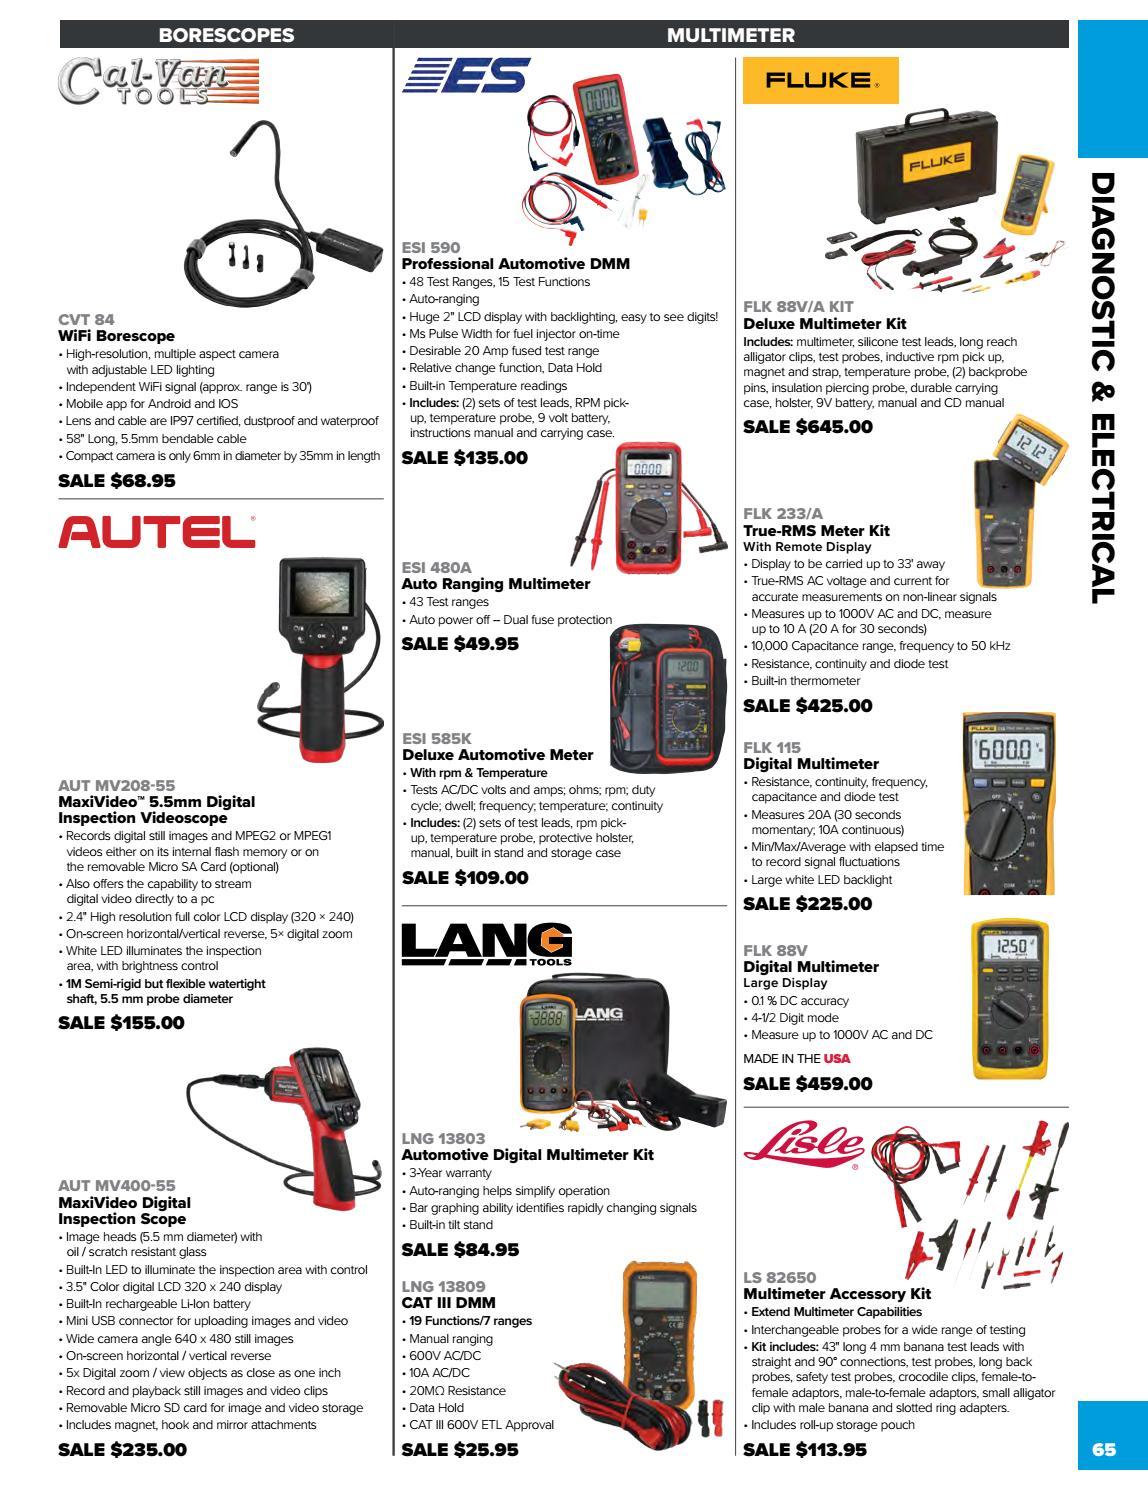 ESI 480A Auto Ranging Multimeter